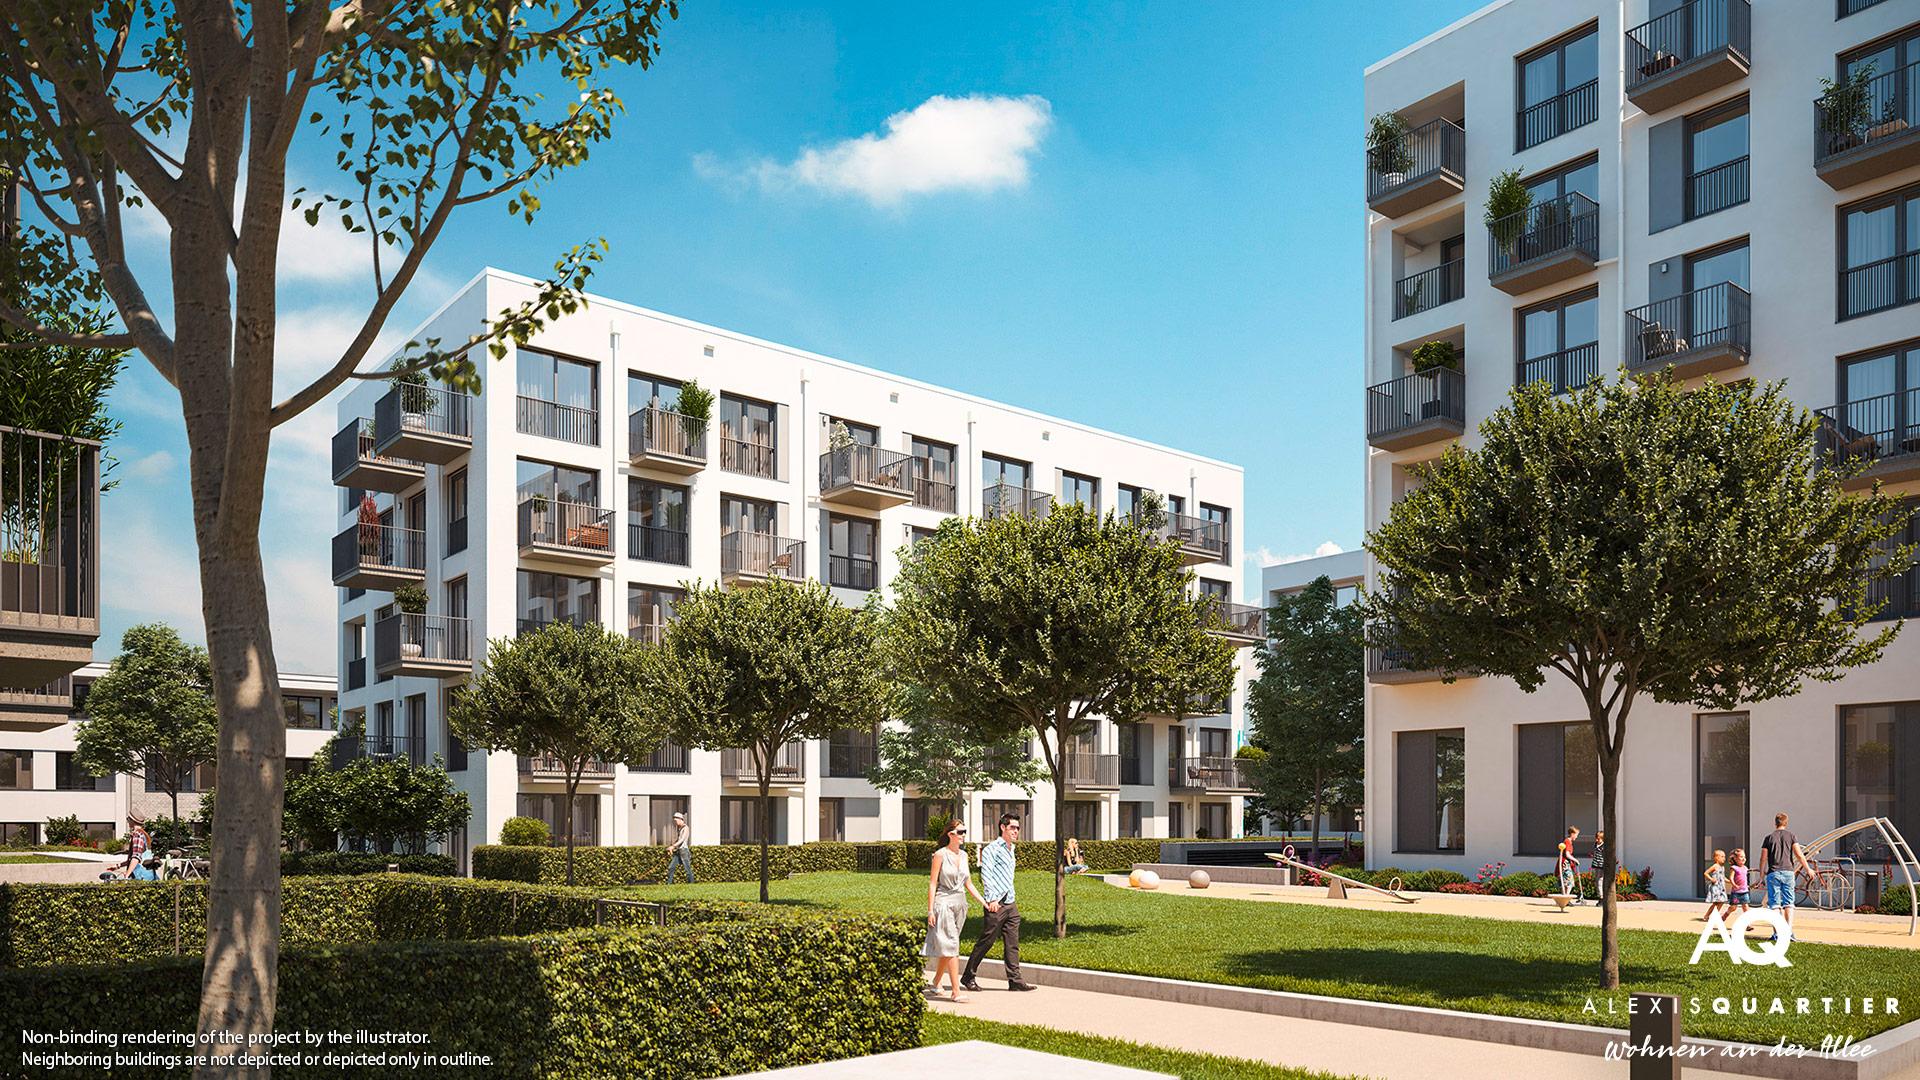 Property Alexisquartier - Wohnen an der Allee - Illustration 1